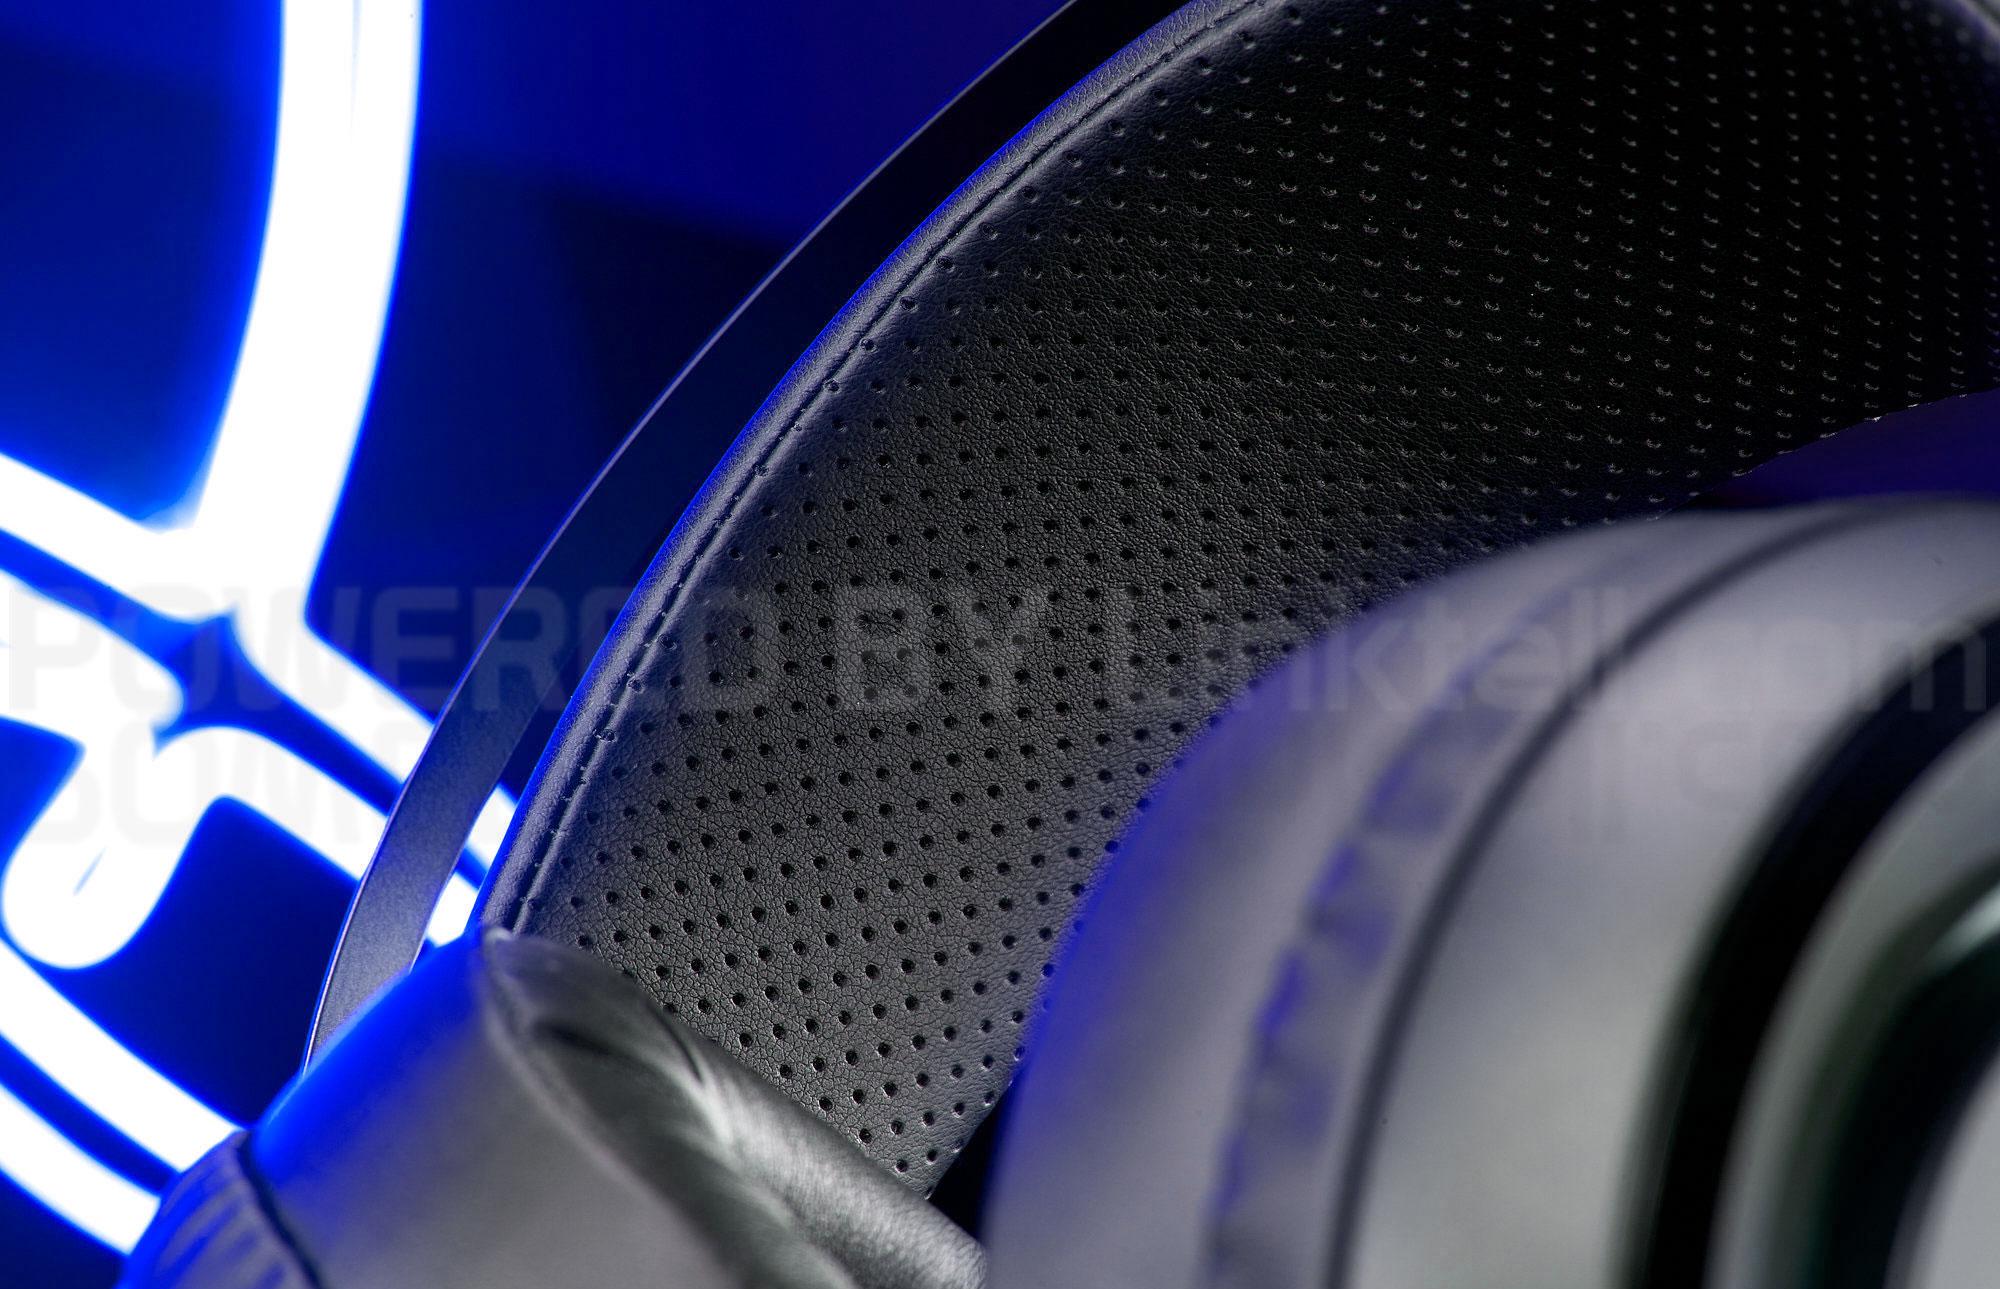 هدست گیمینگ باسیم 7.1 مجازی رپو مدل VH500